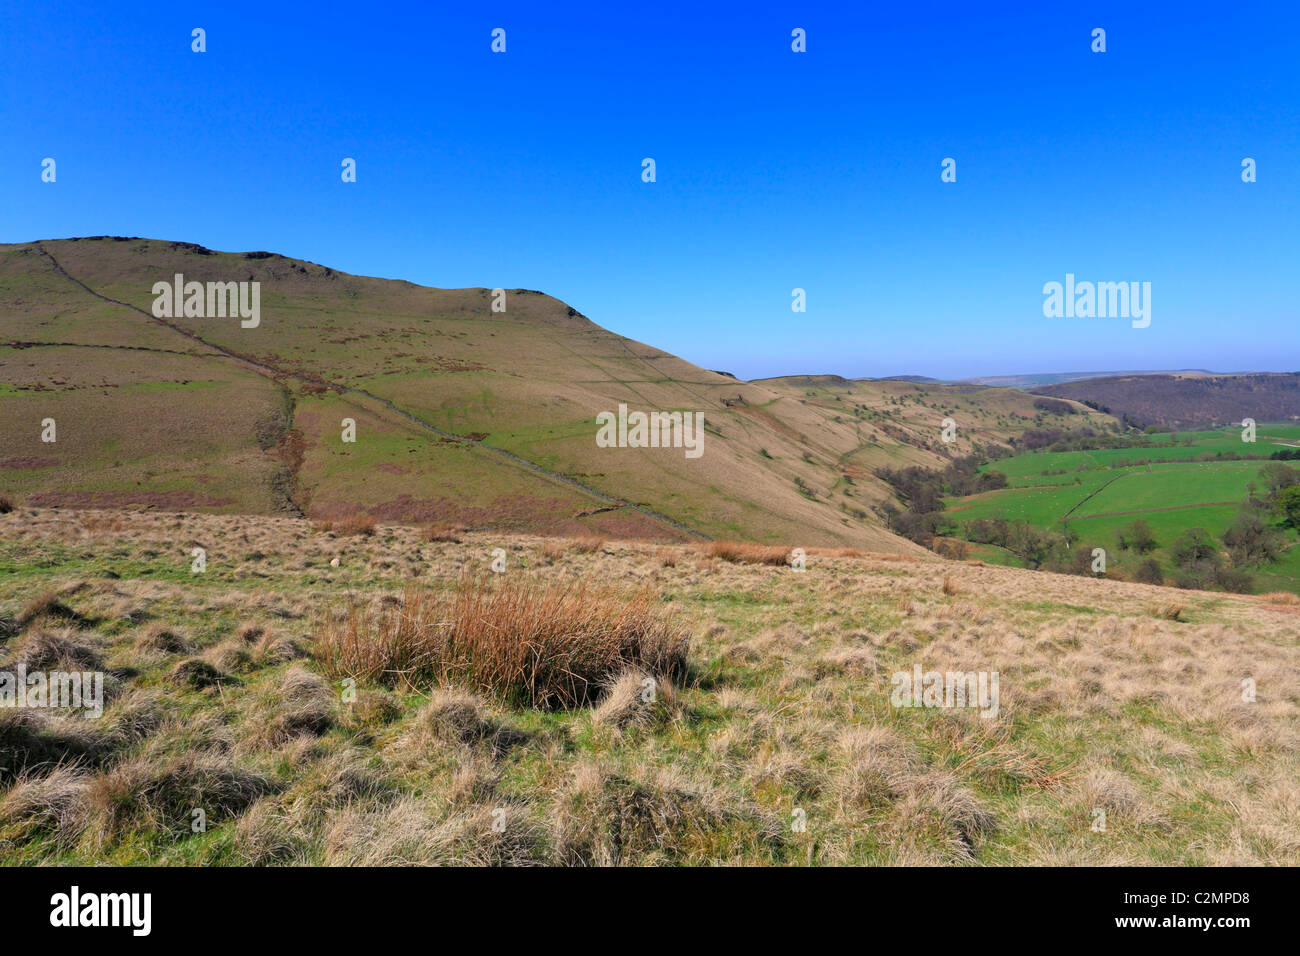 Mount Famine, Hayfield, Derbyshire, Peak District National Park, England, UK. - Stock Image